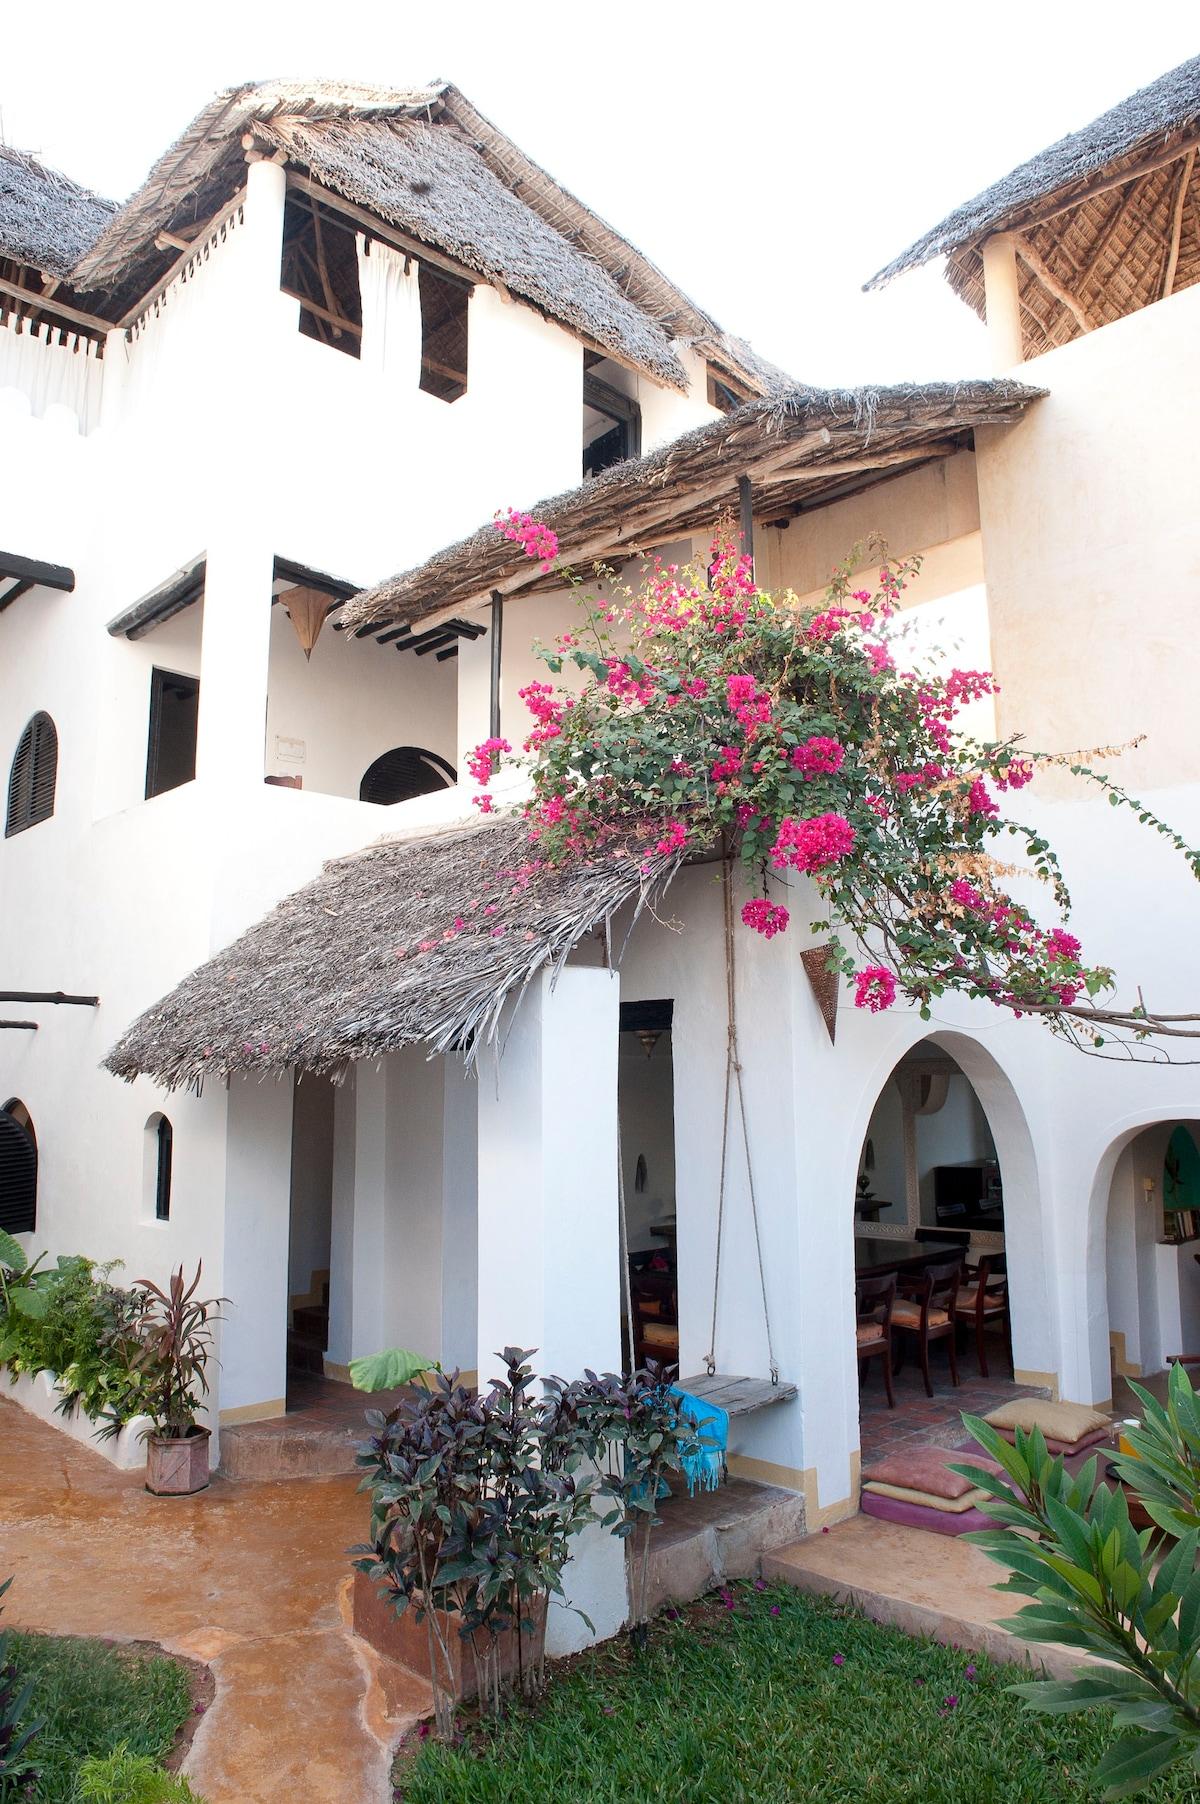 shela top 20 shela vacation rentals vacation homes u0026 condo rentals airbnb shela lamu county kenya